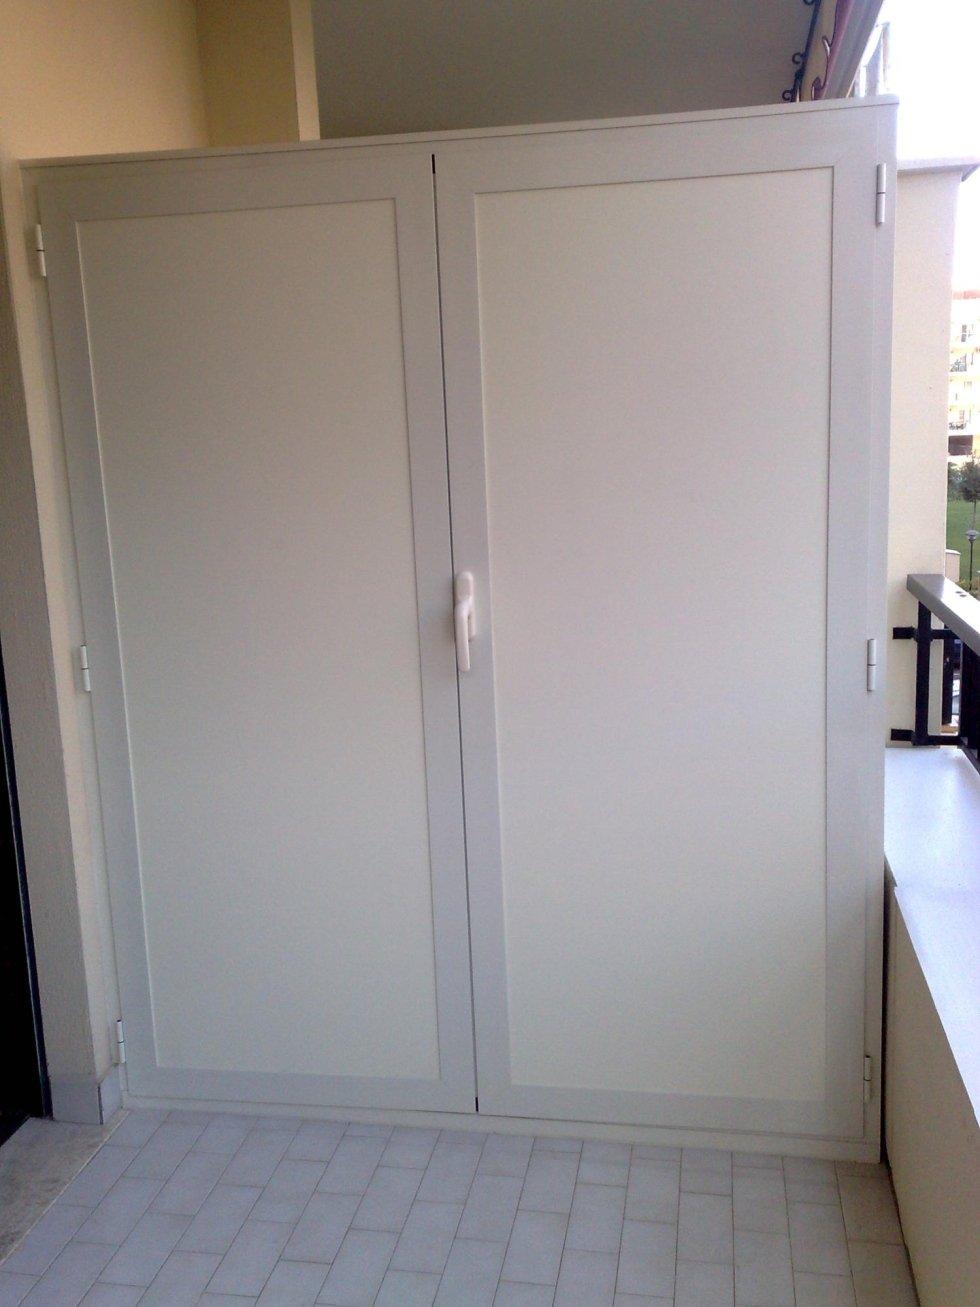 Come fare le tende x camera da pranzo arredamento classic - Armadi da esterno obi ...